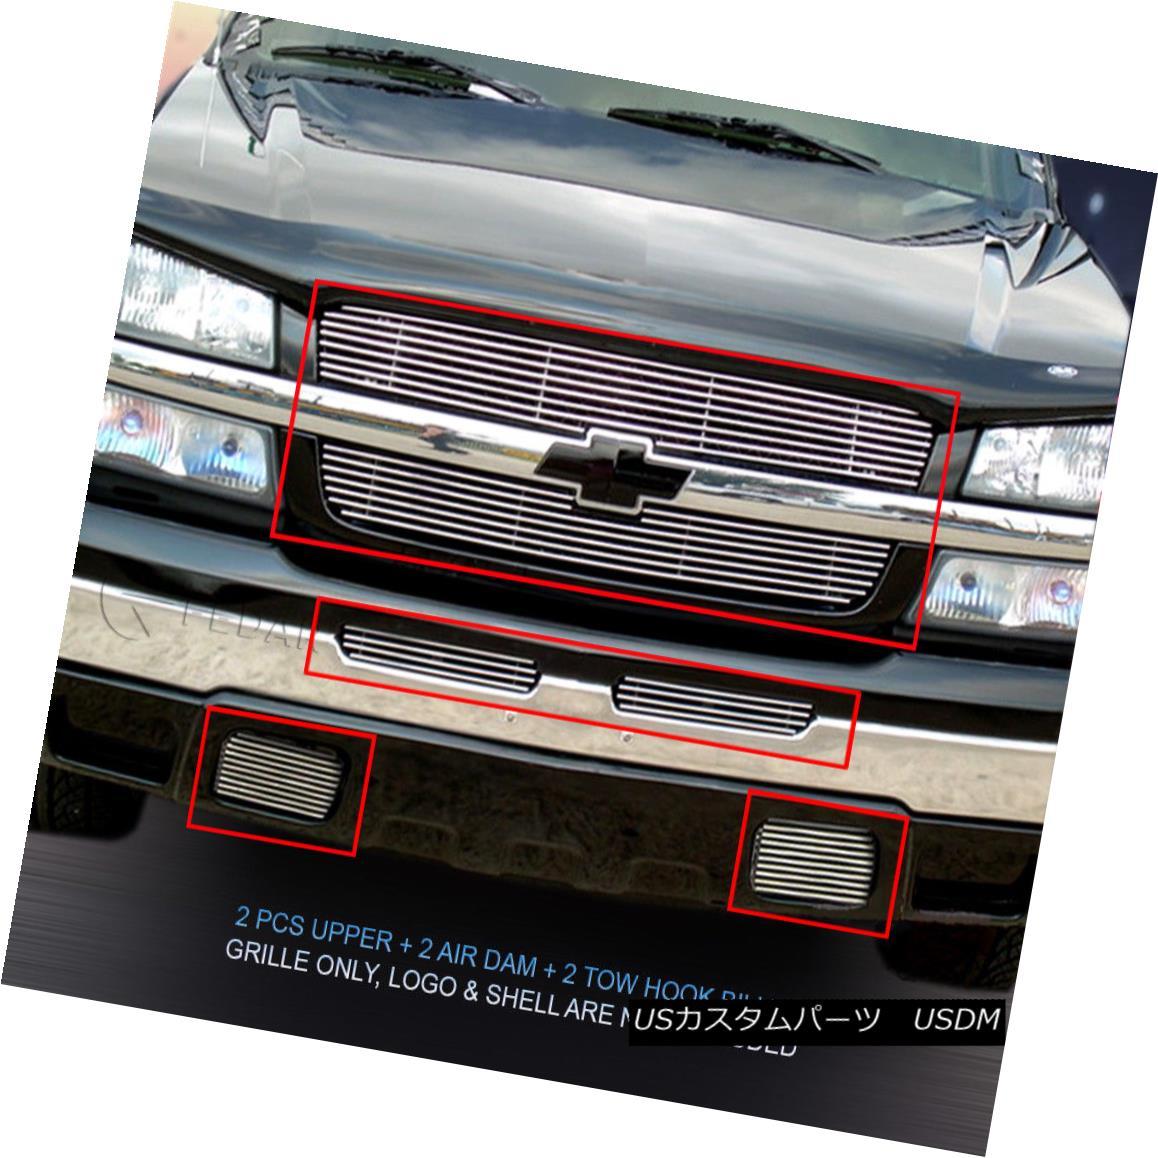 グリル Fits 2003-2005 Chevrolet Silverado Billet Grille Combo Grill Insert 6 Pcs Fedar 2003-2005シボレーシルバラードビレットグリルコンボグリルインサート6個入りFedar